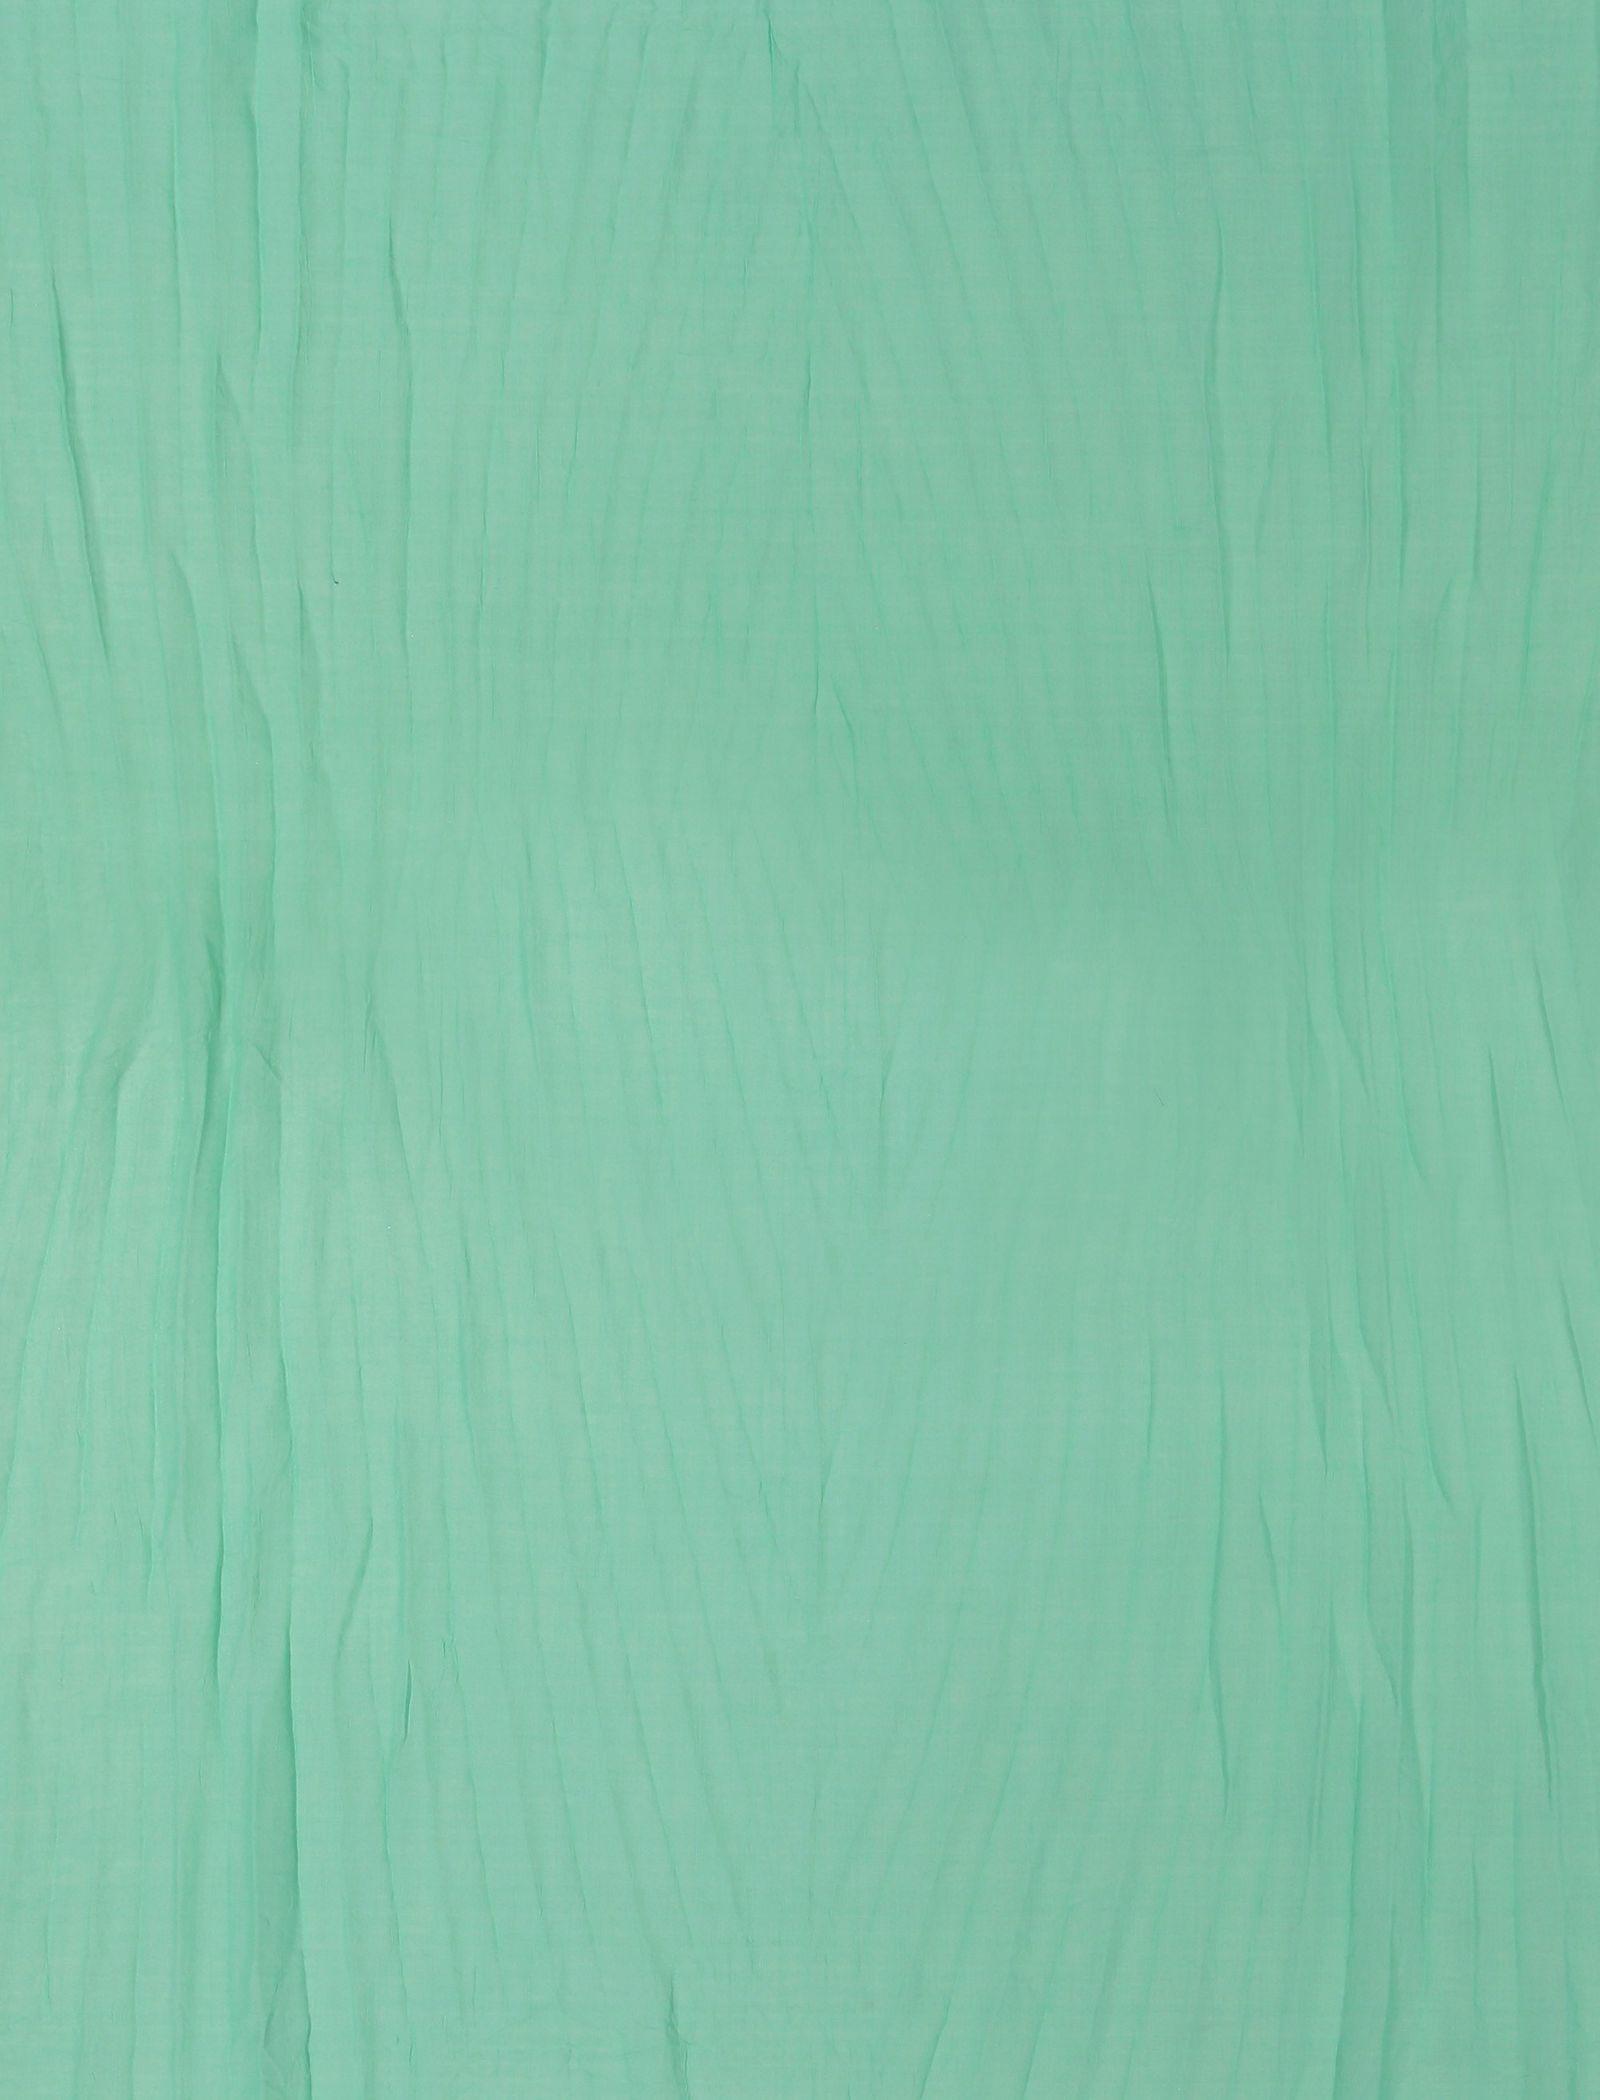 شال ساده زنانه - دونابل - سبز  - 4